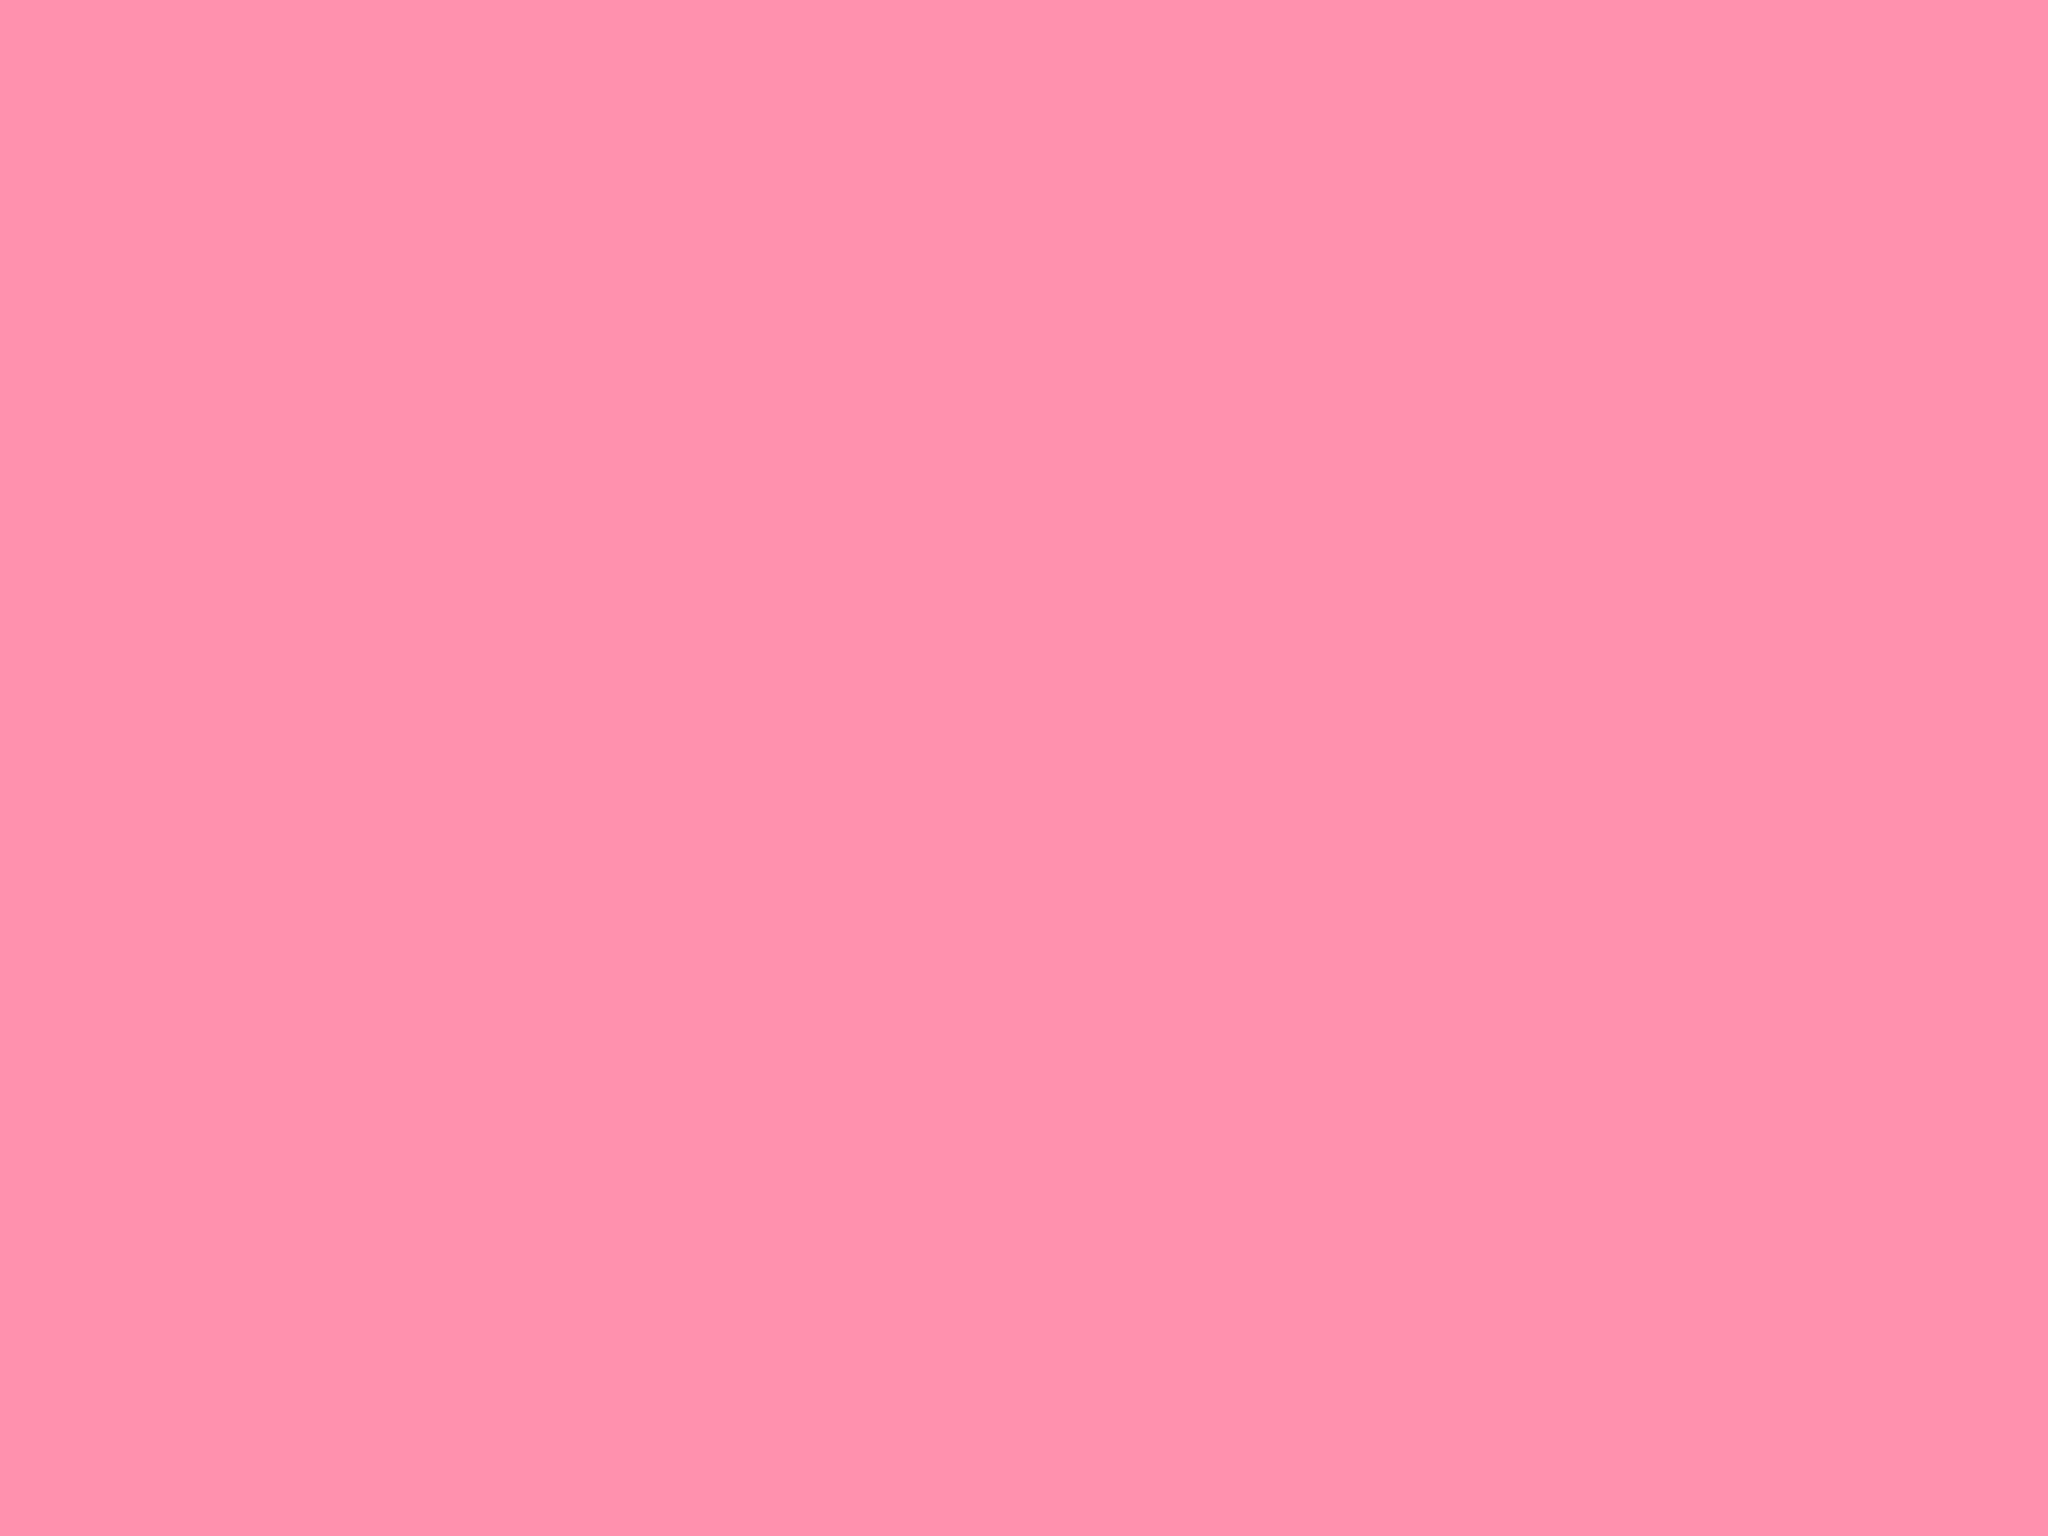 2048x1536 Baker-Miller Pink Solid Color Background